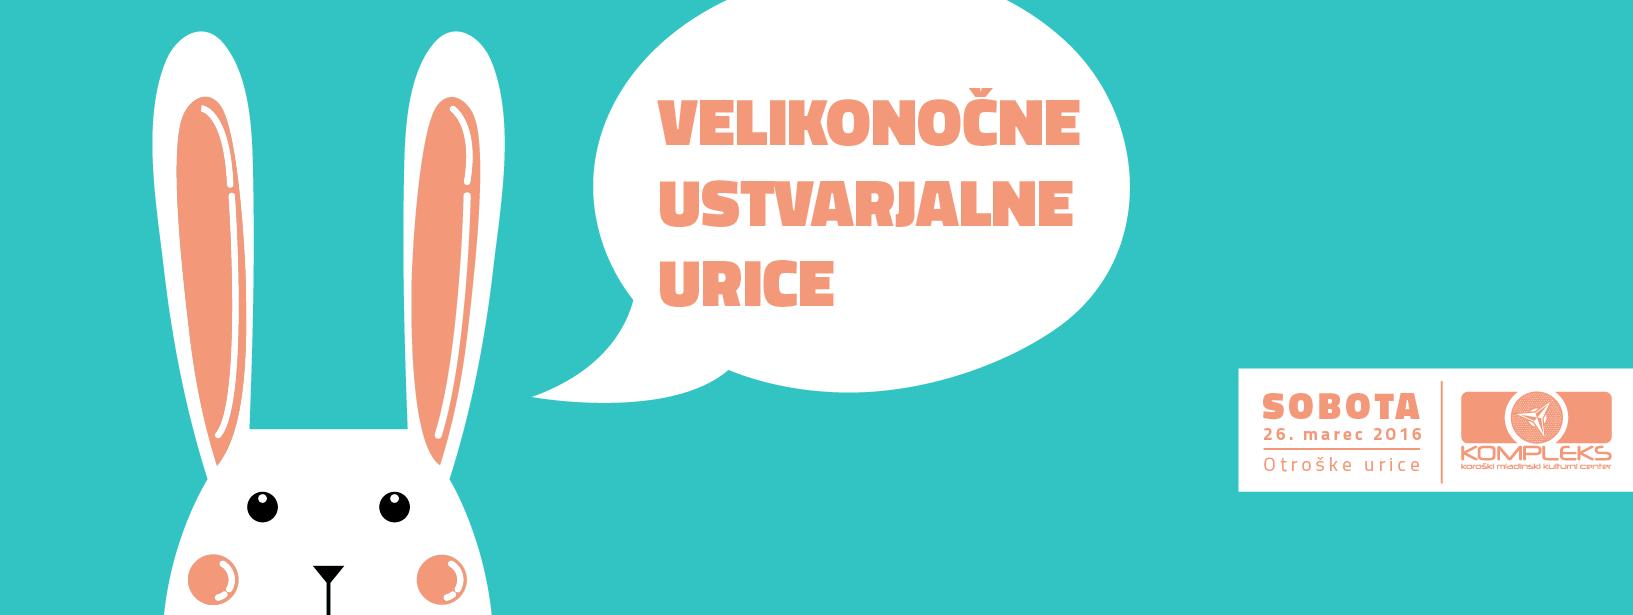 kmkc-marec-otroske-01